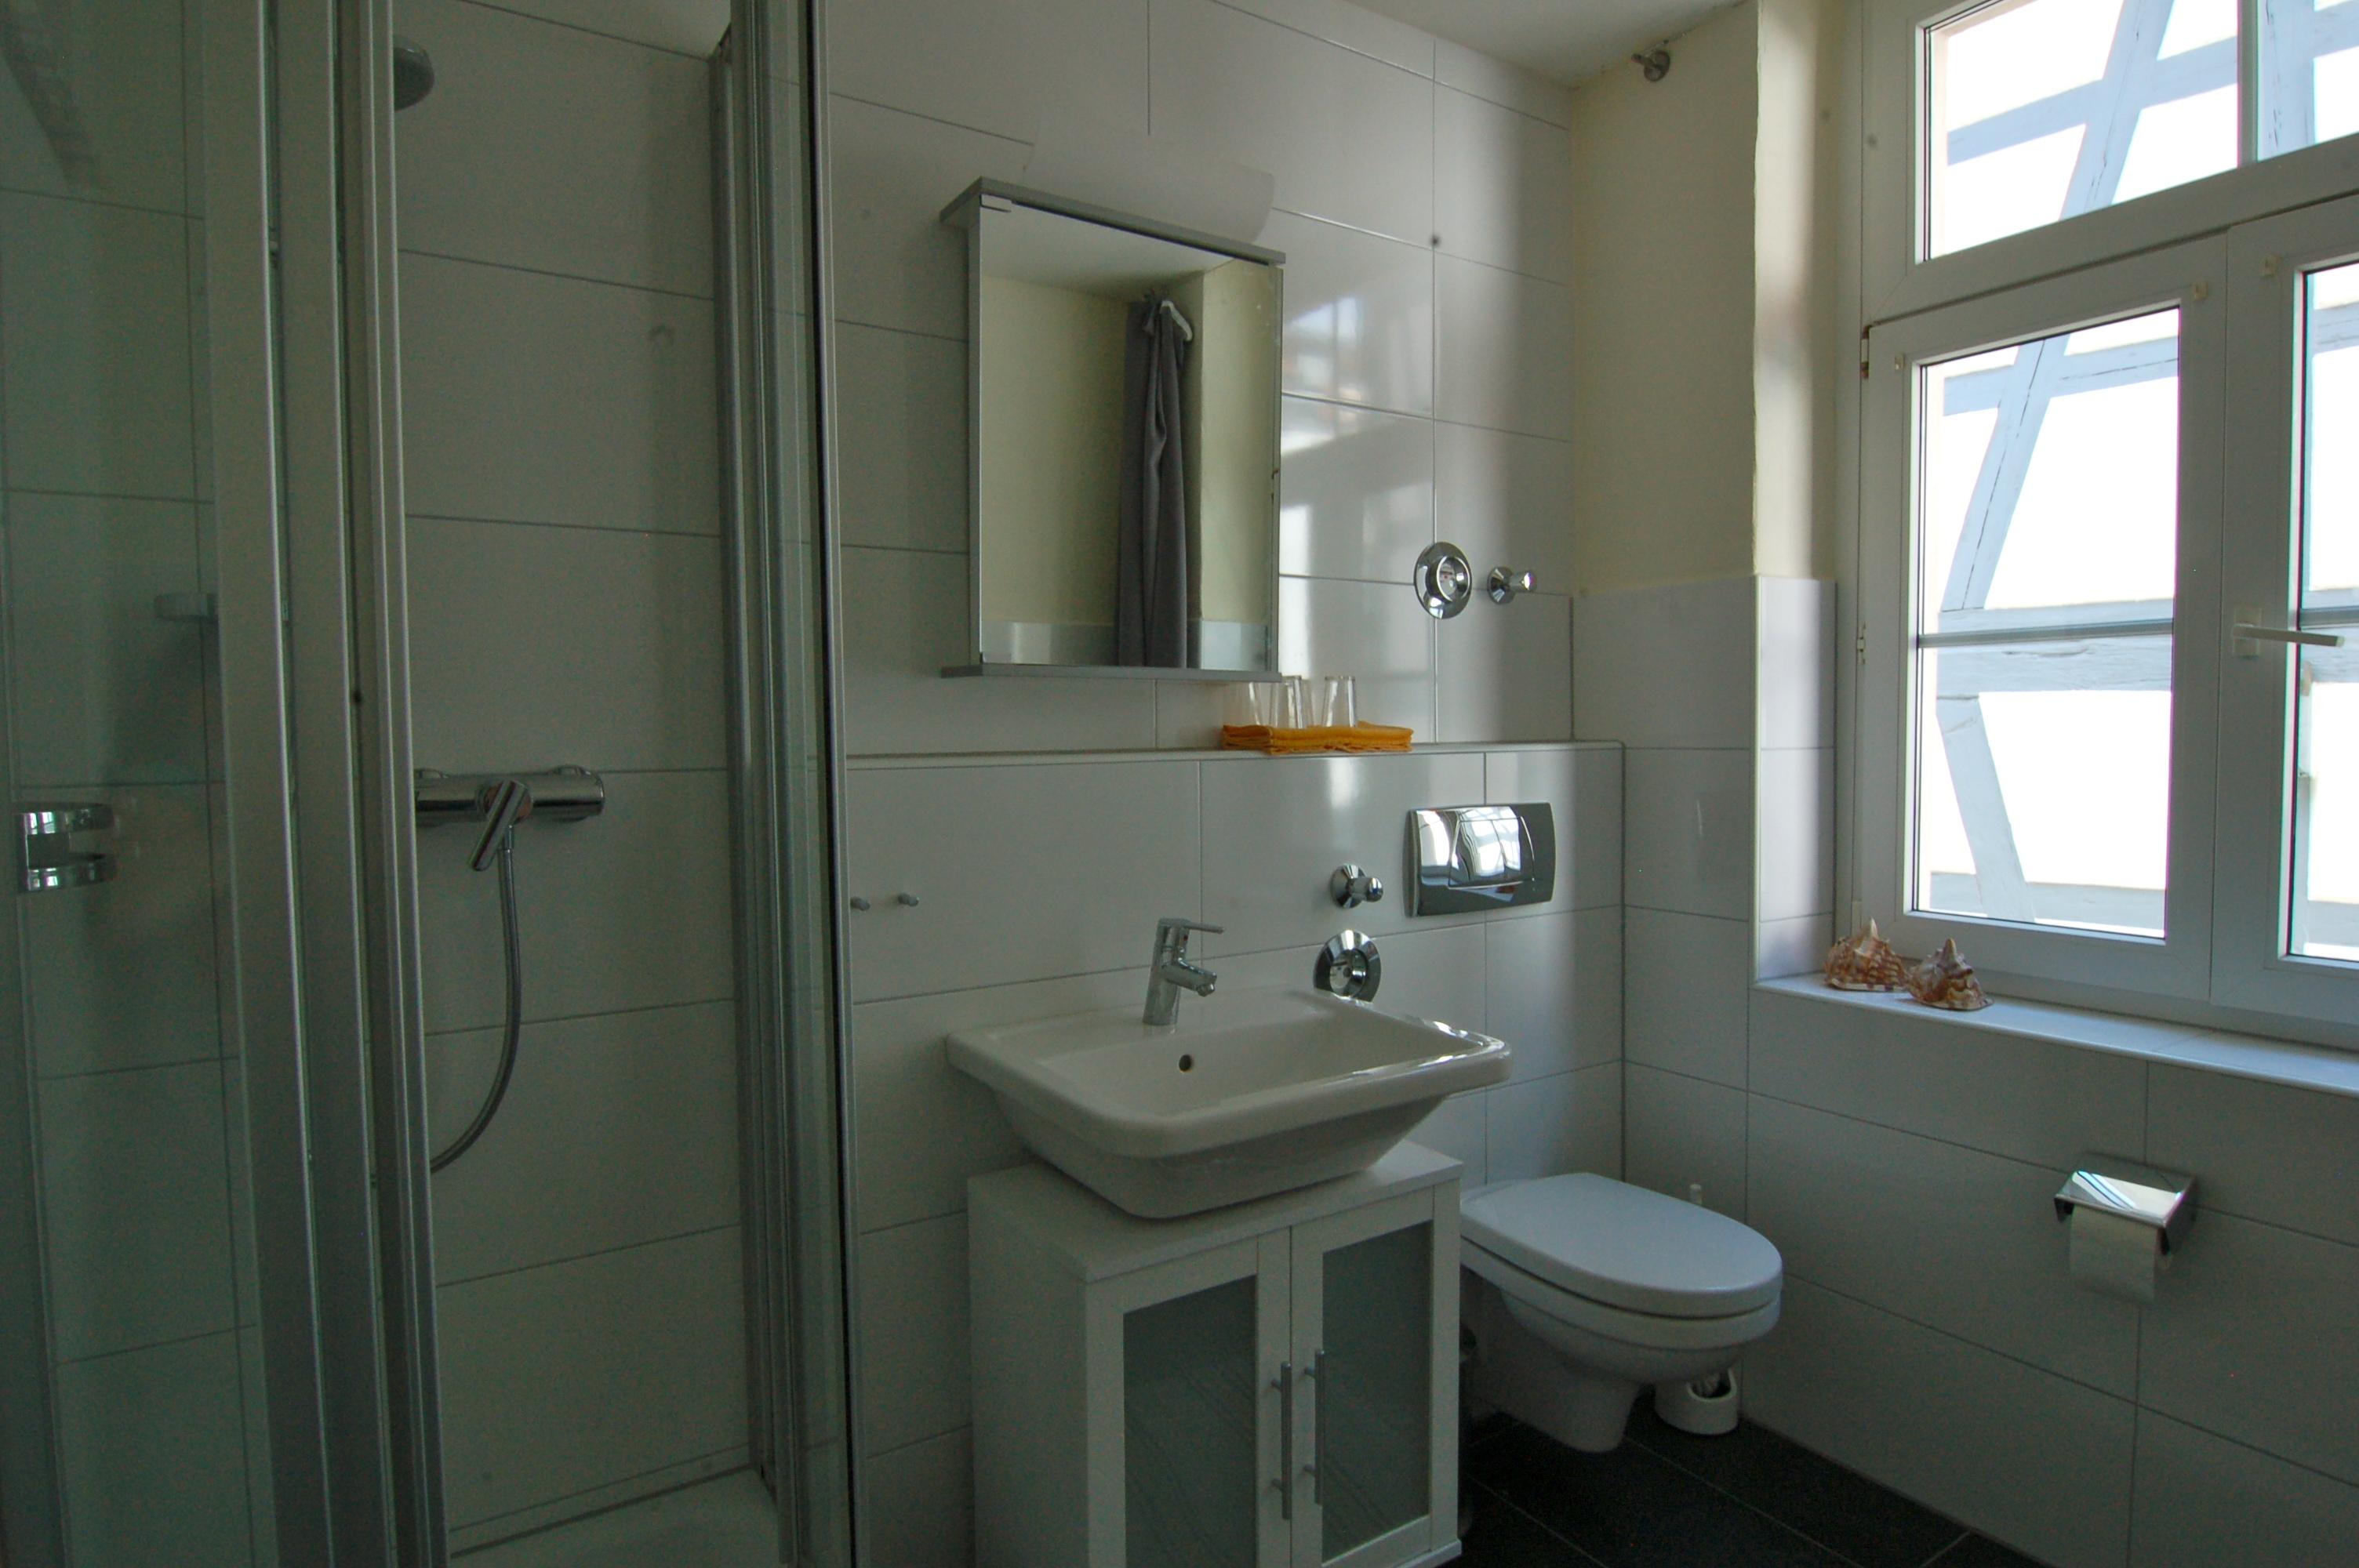 appartement k1 ferienwohnungen konstanz und insel reichenau. Black Bedroom Furniture Sets. Home Design Ideas